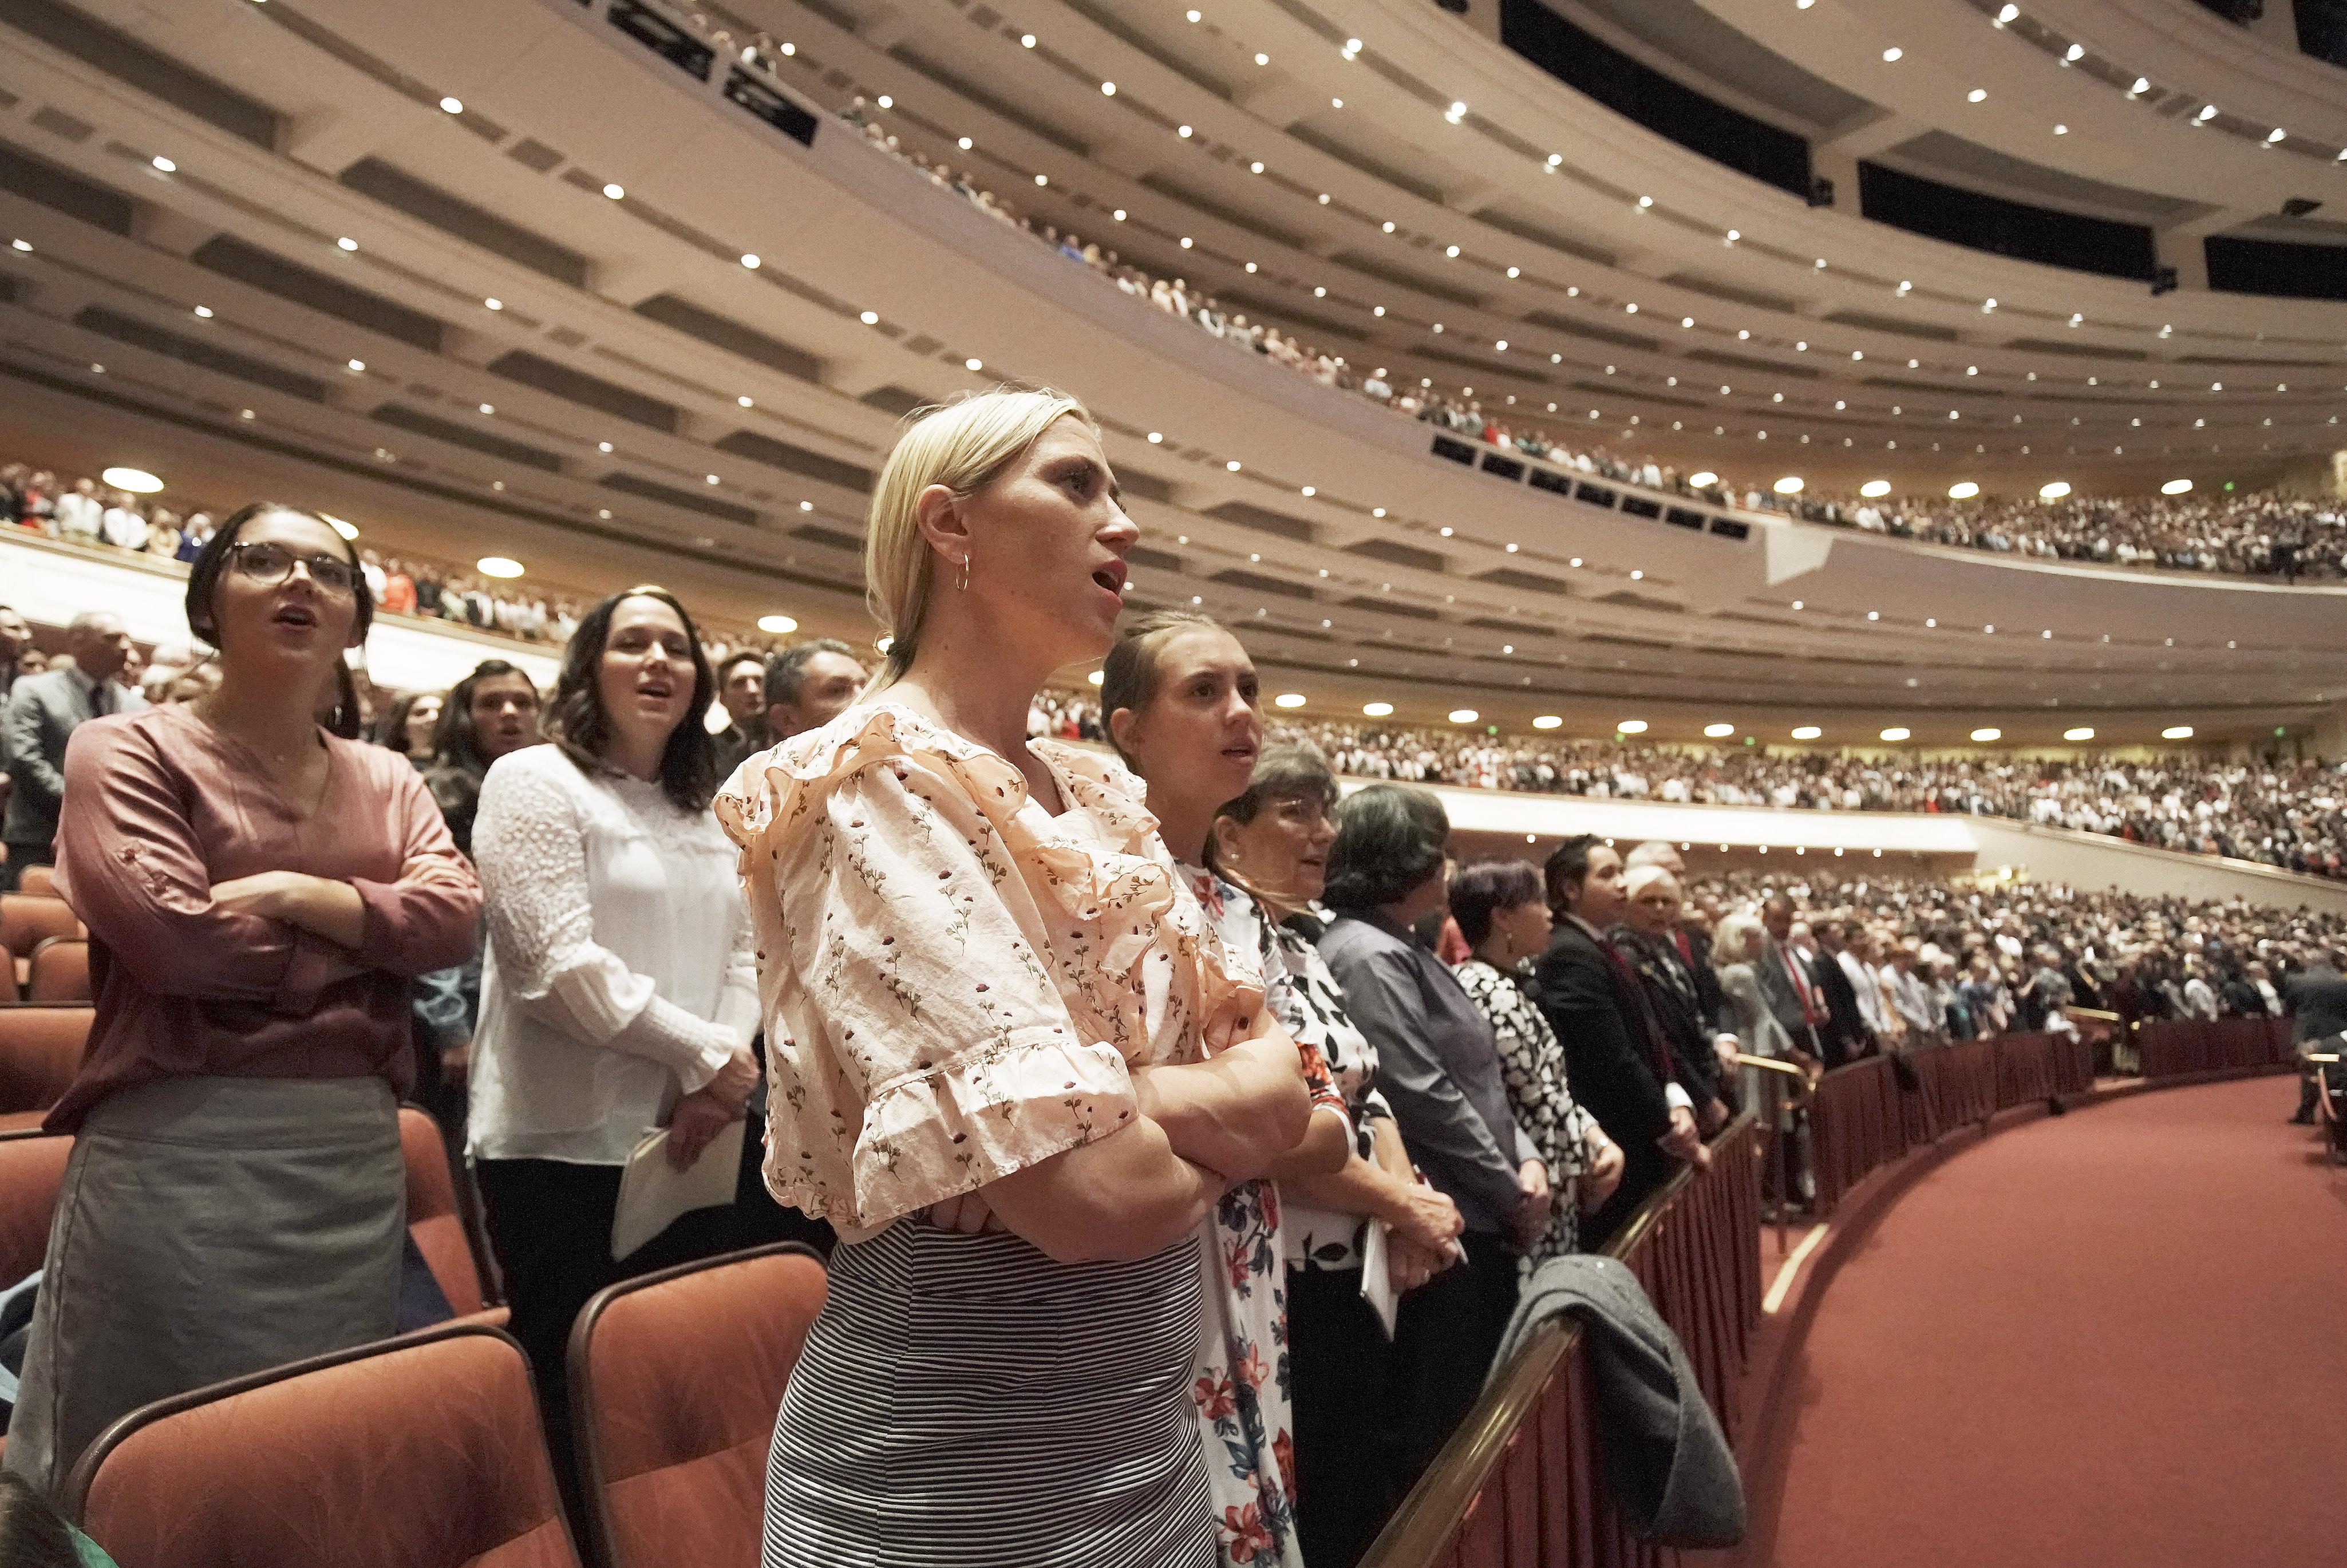 Julie Beck canta junto a la congregación durante la sesión matutina del sábado de la Conferencia General Semestral N°189 de La Iglesia de Jesucristo de los Santos de los Últimos Días, en el Centro de Conferencias en Salt Lake City, el sábado 5 de octubre de 2019.